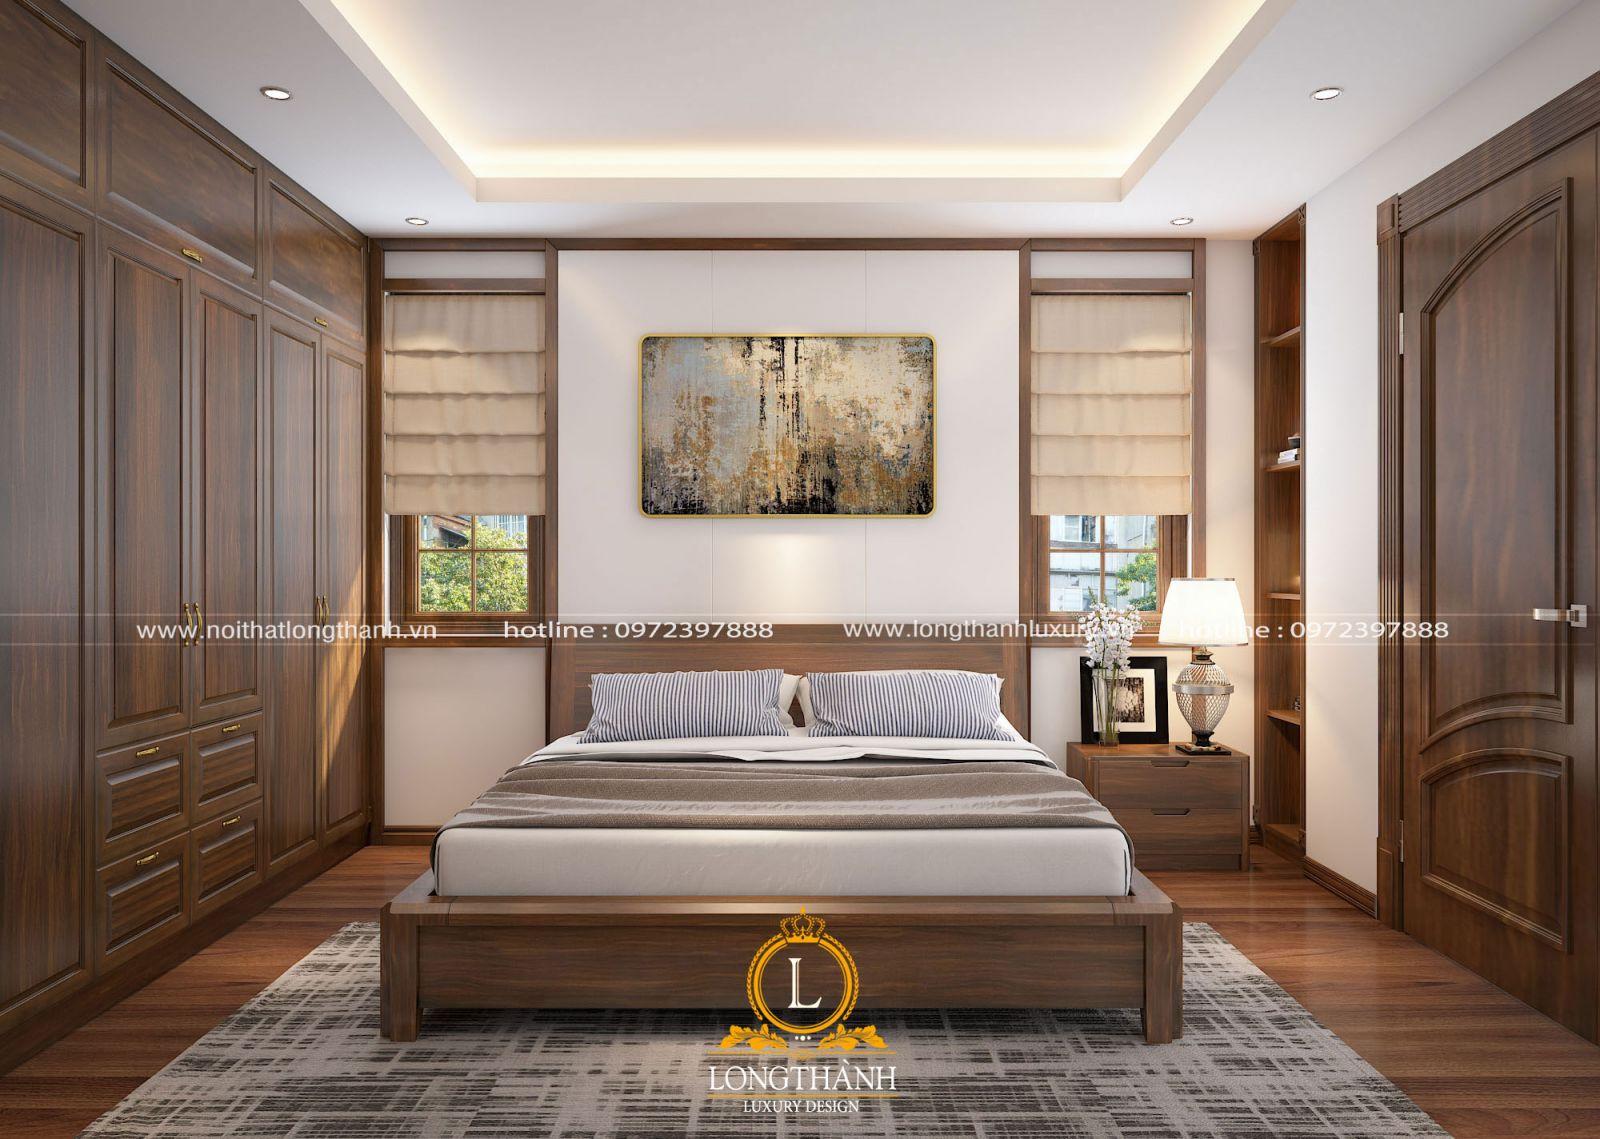 Nội thất phòng ngủ cao cấp với nội thất chất lượng và tính thẩm mỹ vượt trội